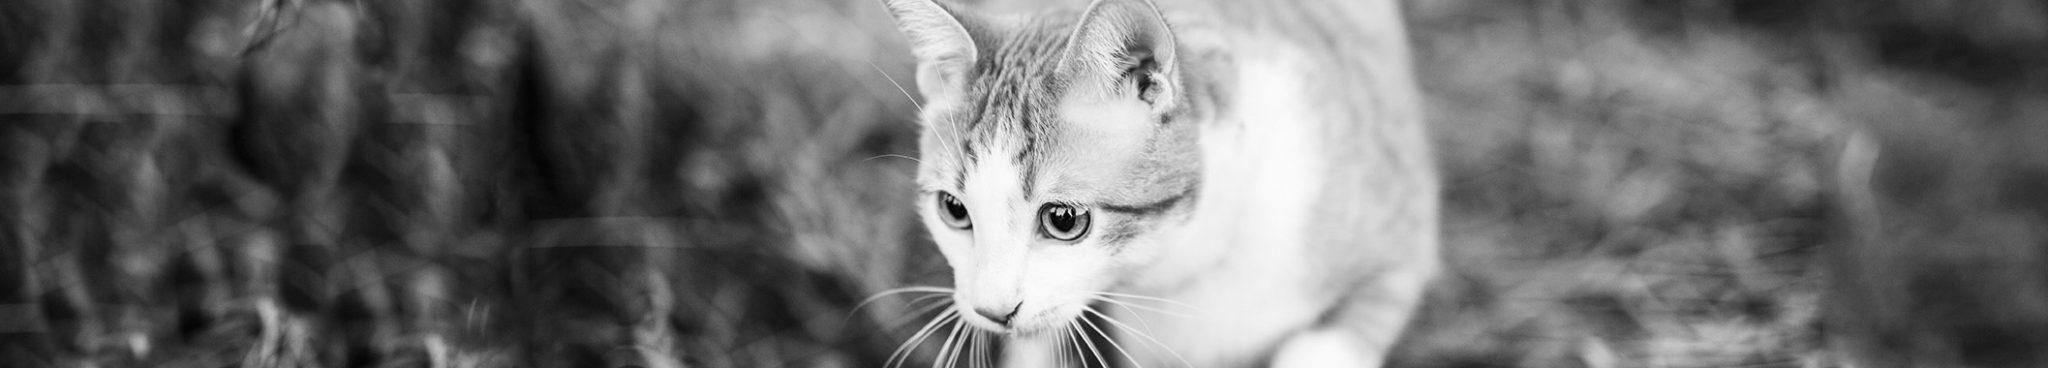 מזון יבש לחתולים - יוגי-בר